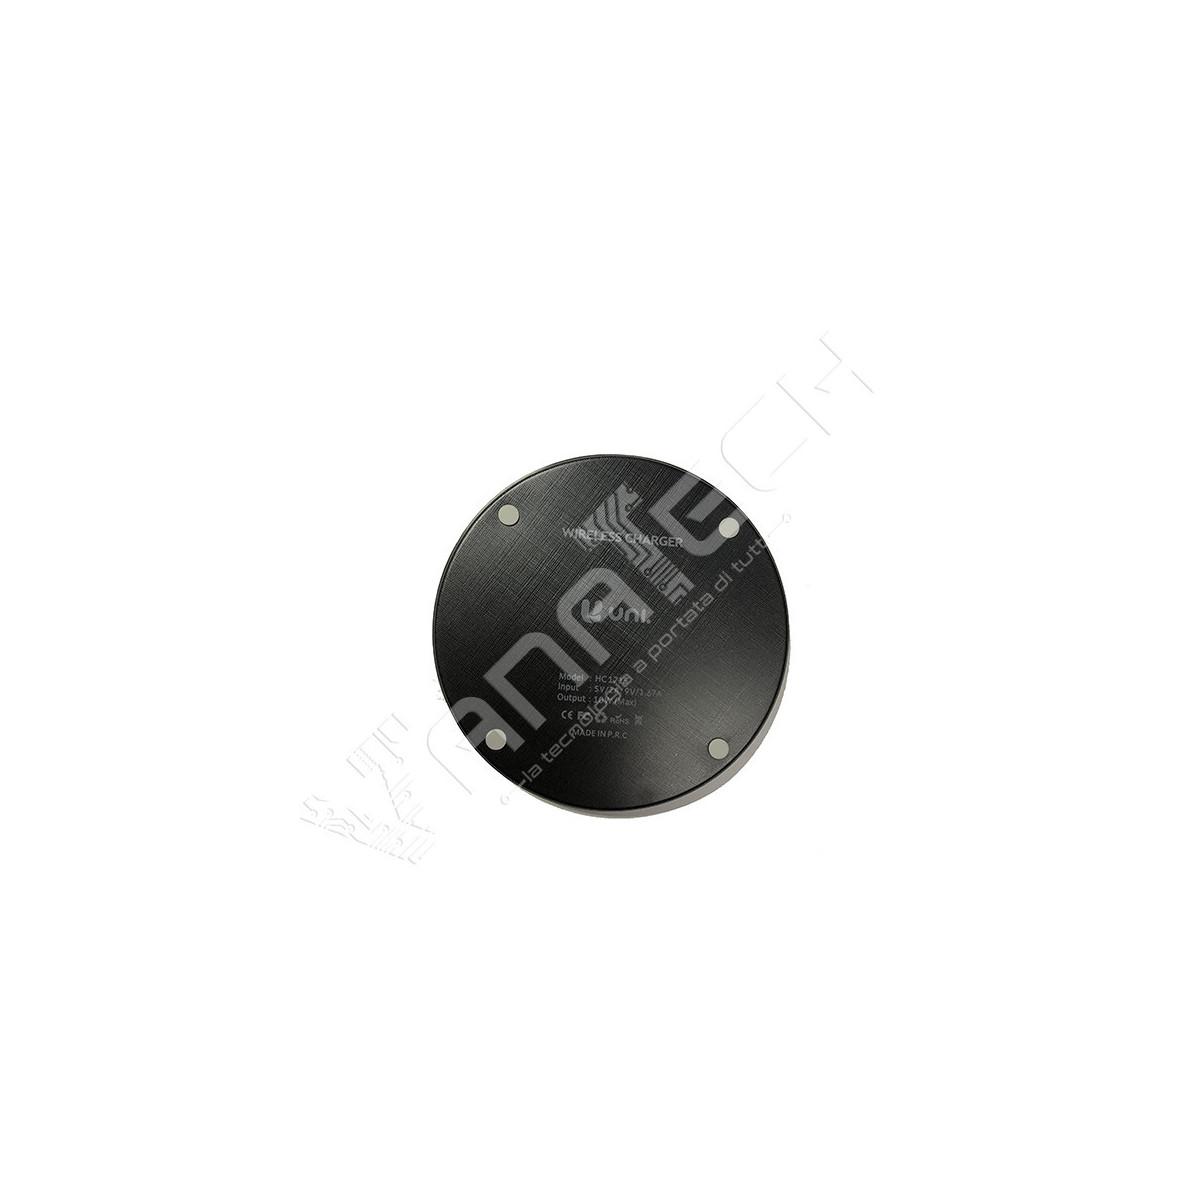 """MONITOR LED LG 22MP48D-P 22MP48D-P 21.5"""" HD LED COLORE NERO VGA DVI-D"""